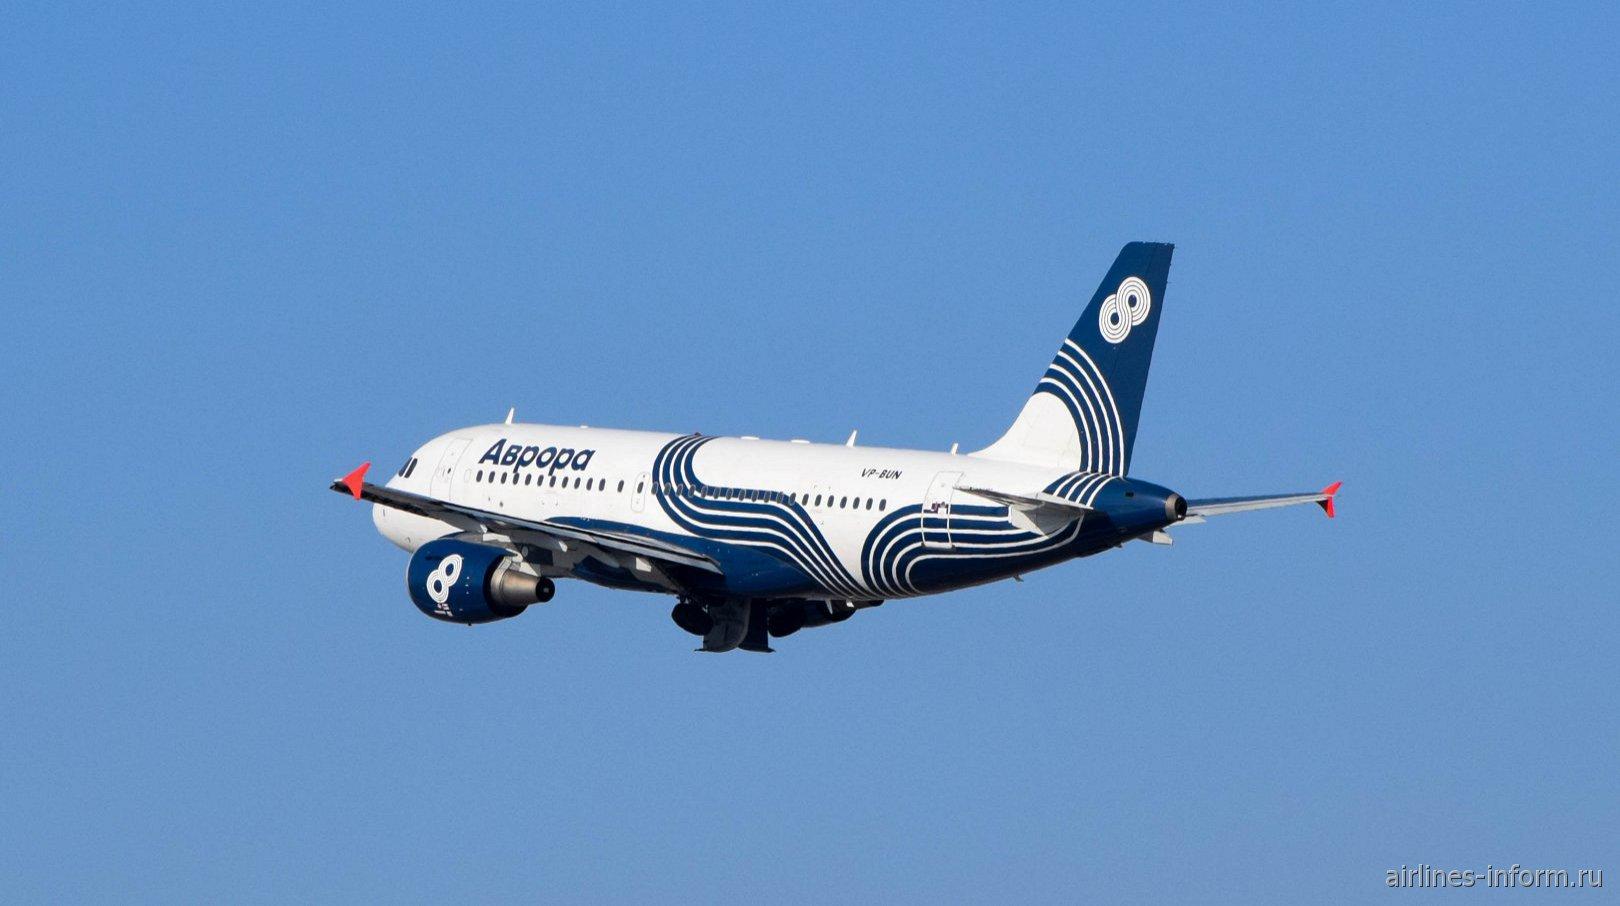 Взлет самолета Airbus A319 VP-BUN авиакомпании